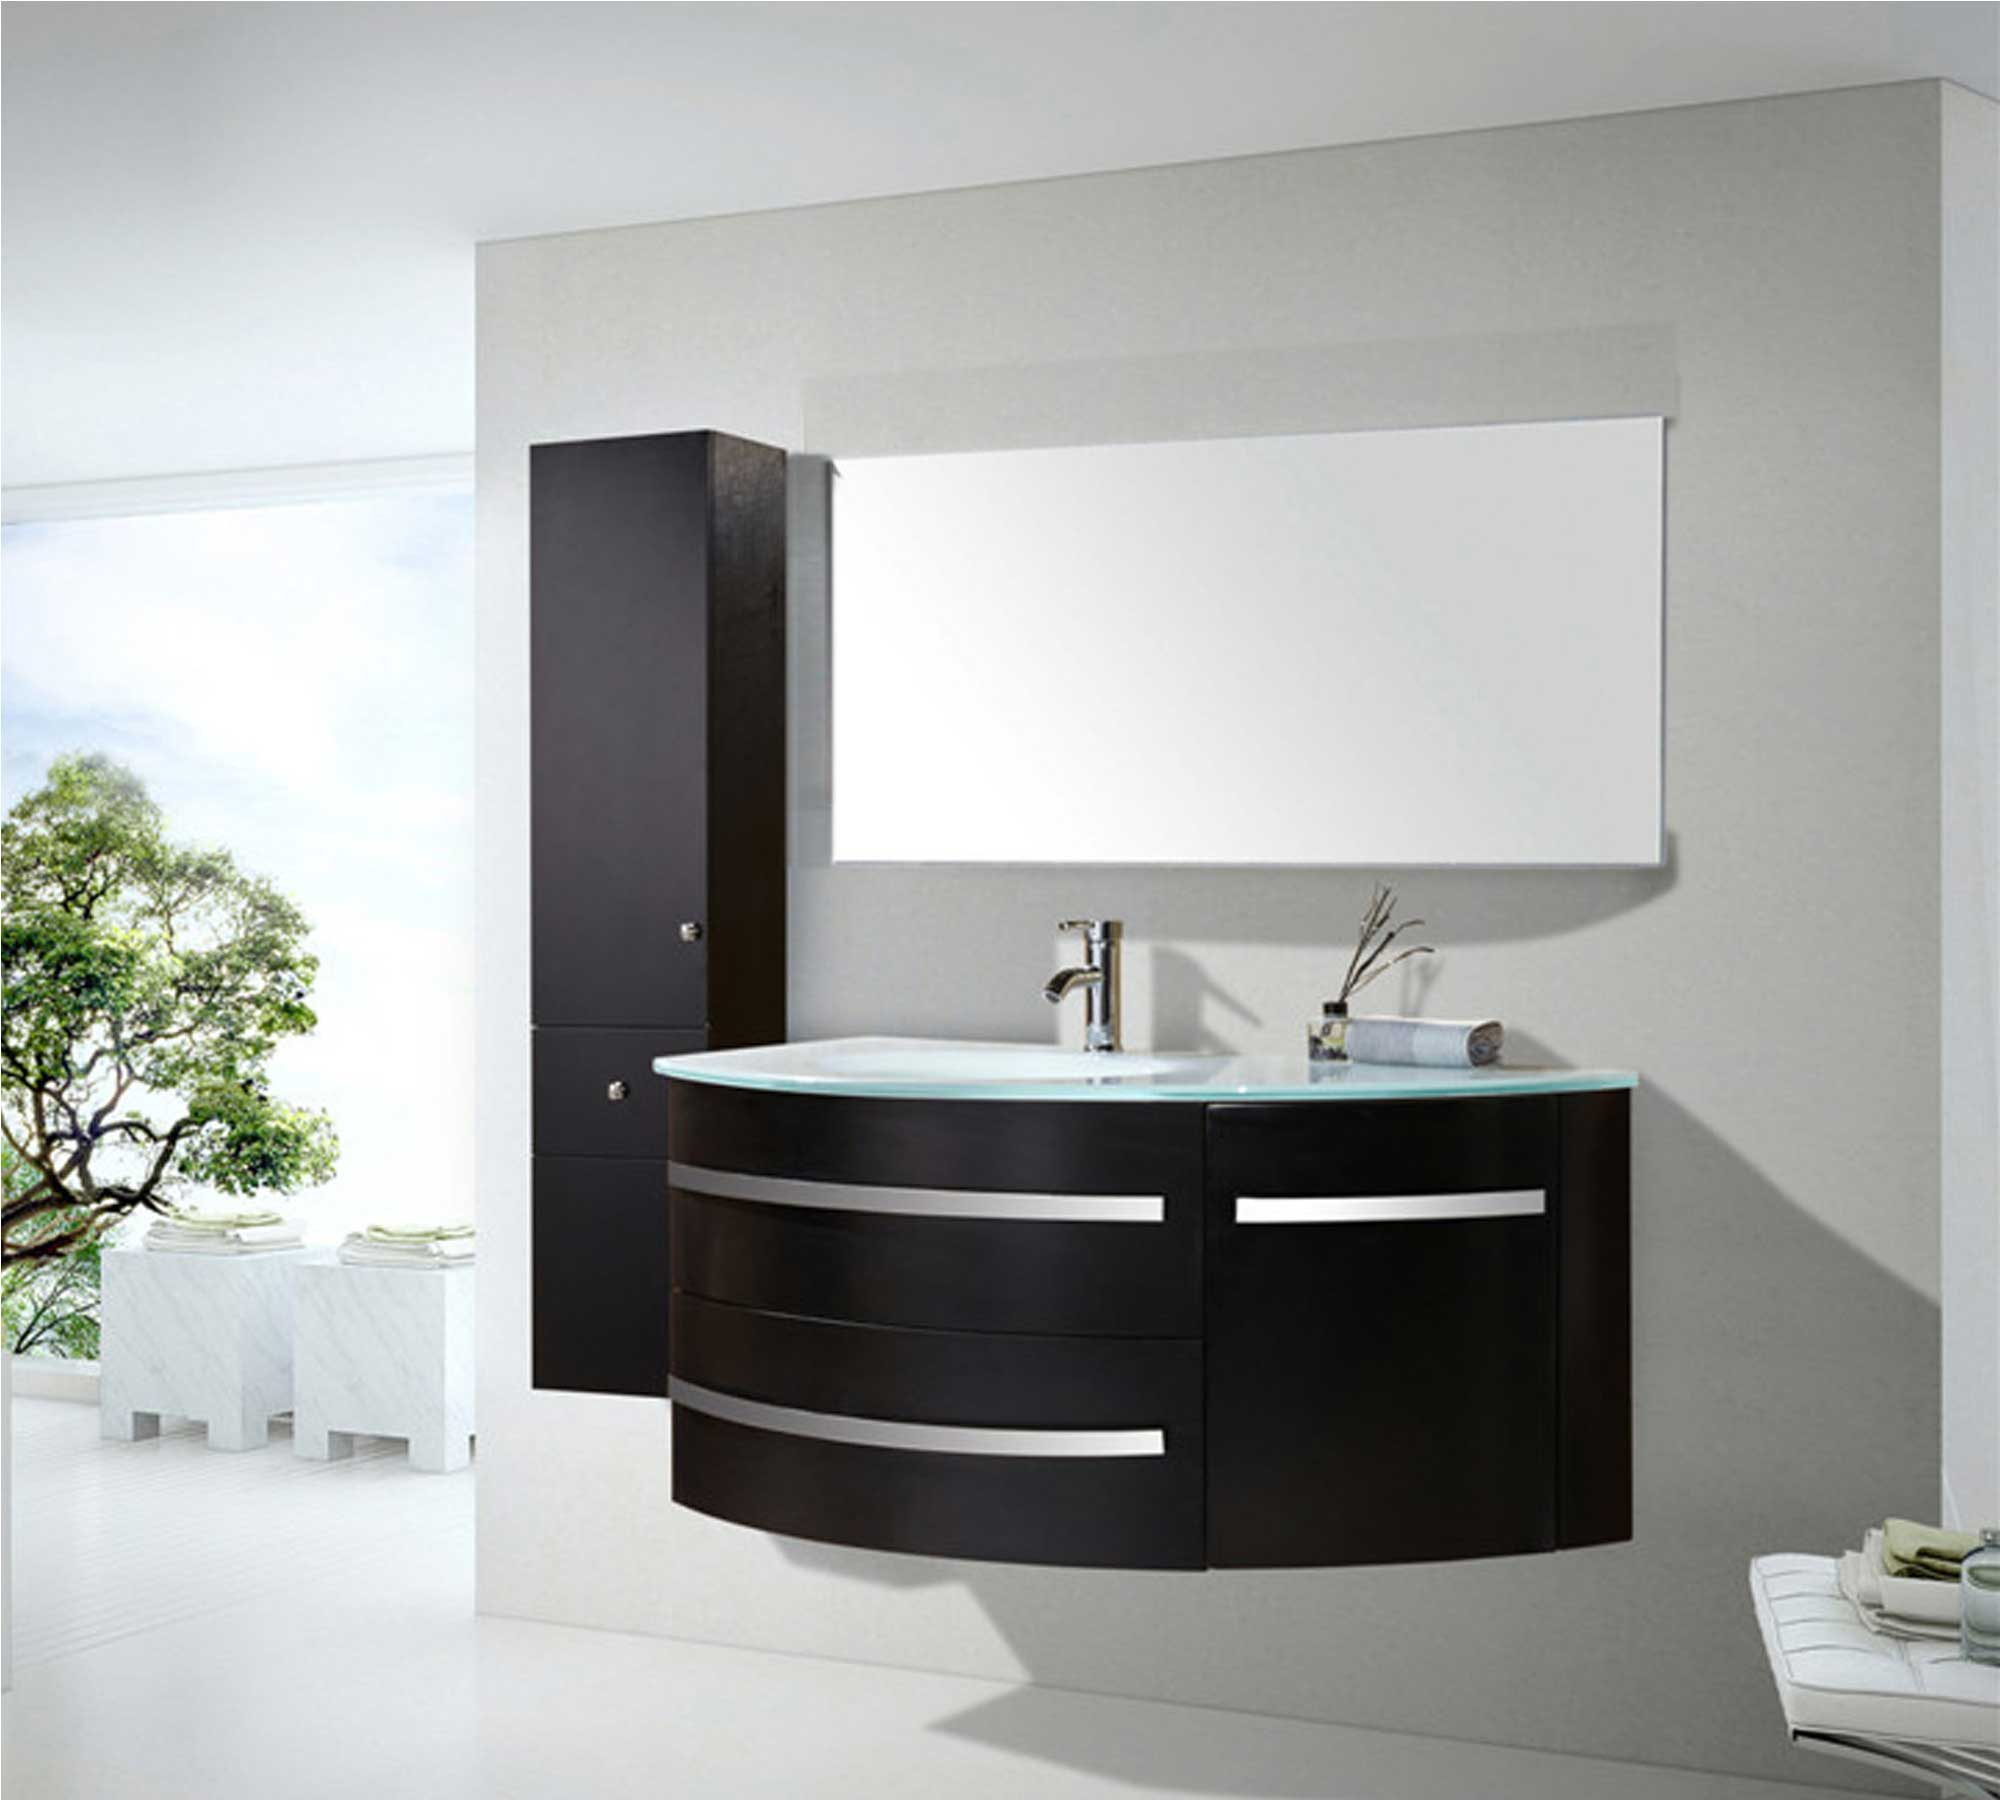 Black ambassador meuble de salle de bain 120 cm colonne for Colonne bagno moderne